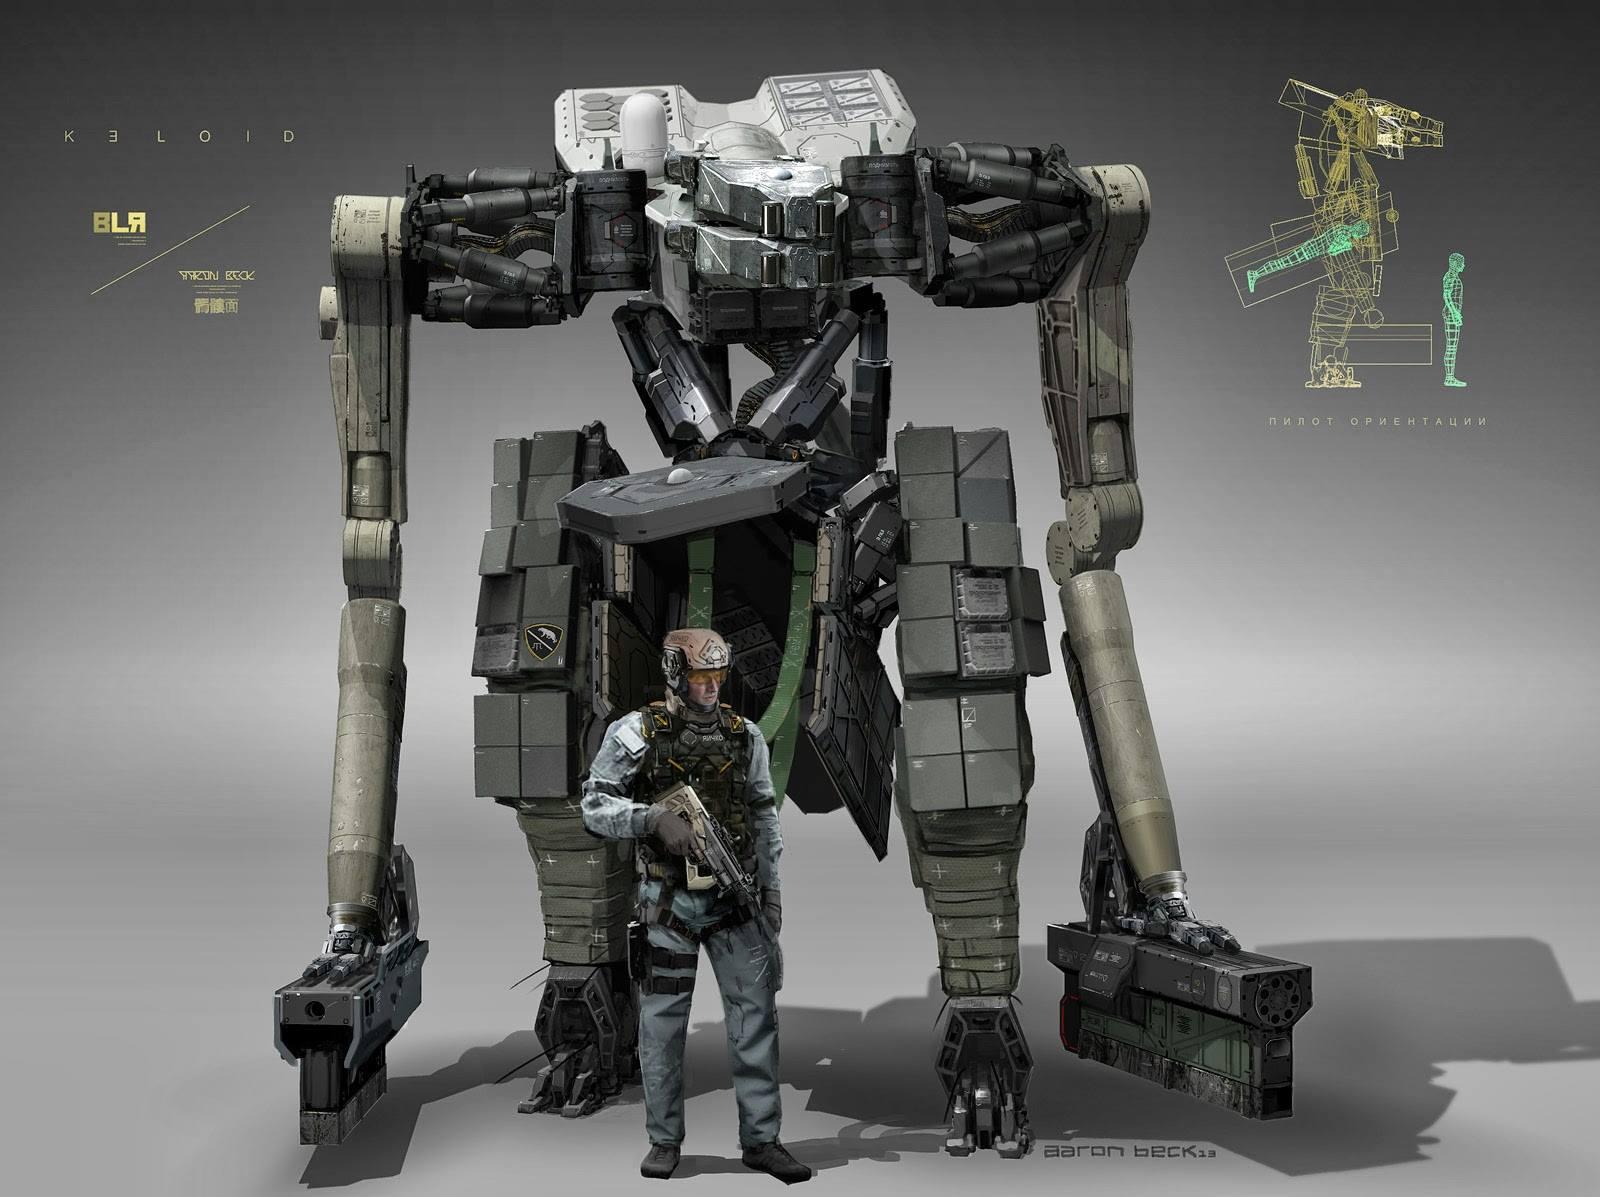 Keloid_robot_3dart